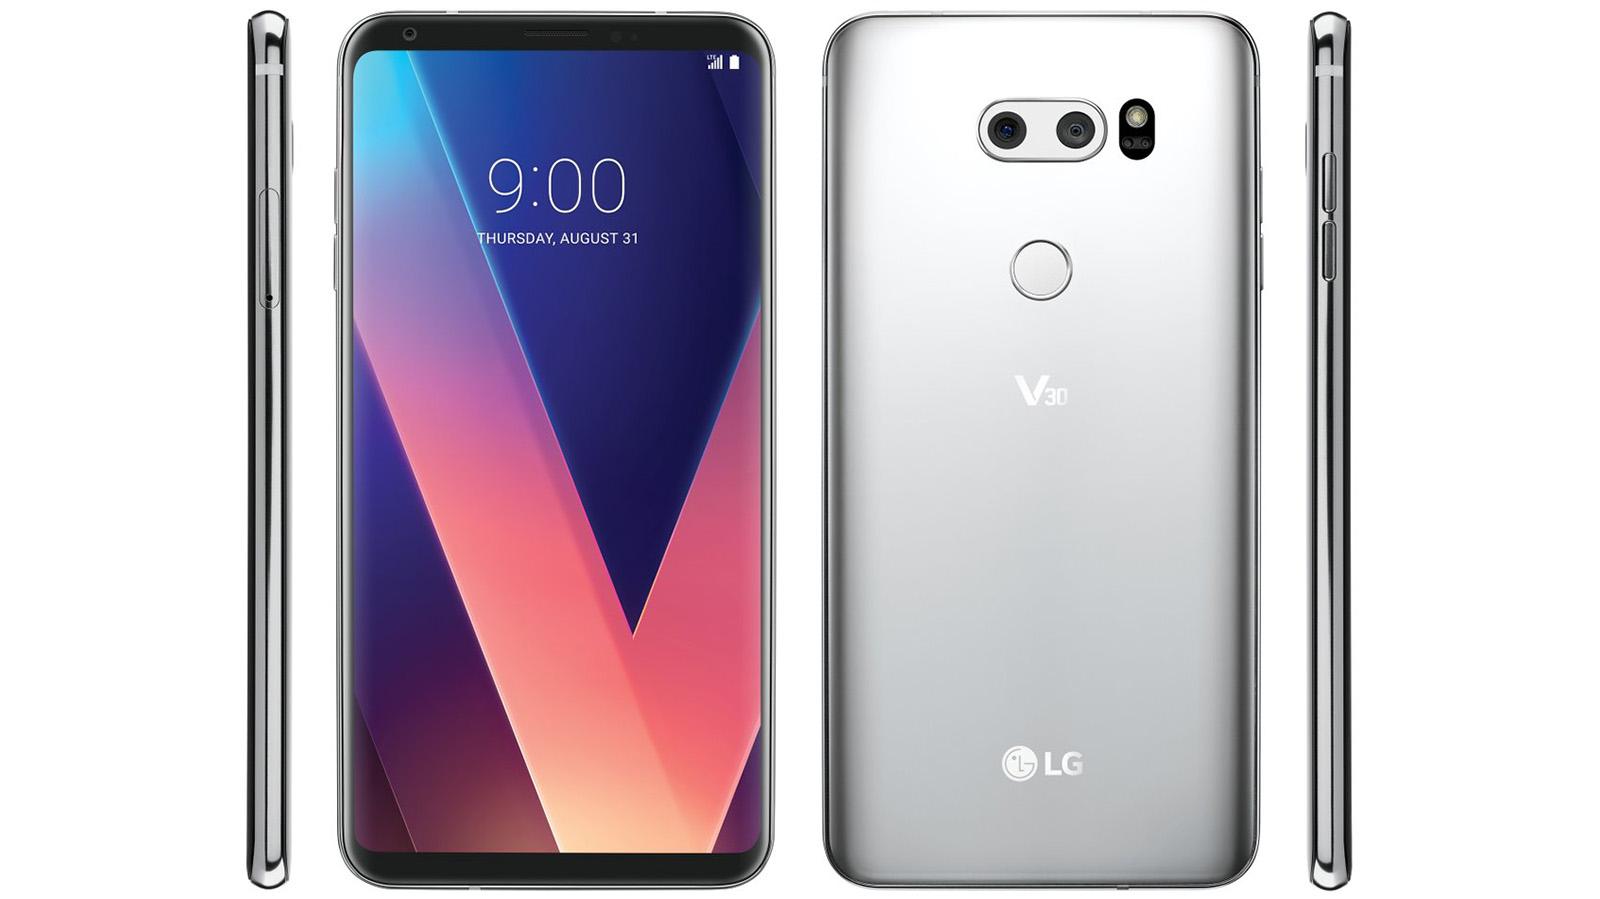 新諜照裡幾乎無邊框的 LG V30 看起來精緻了不少